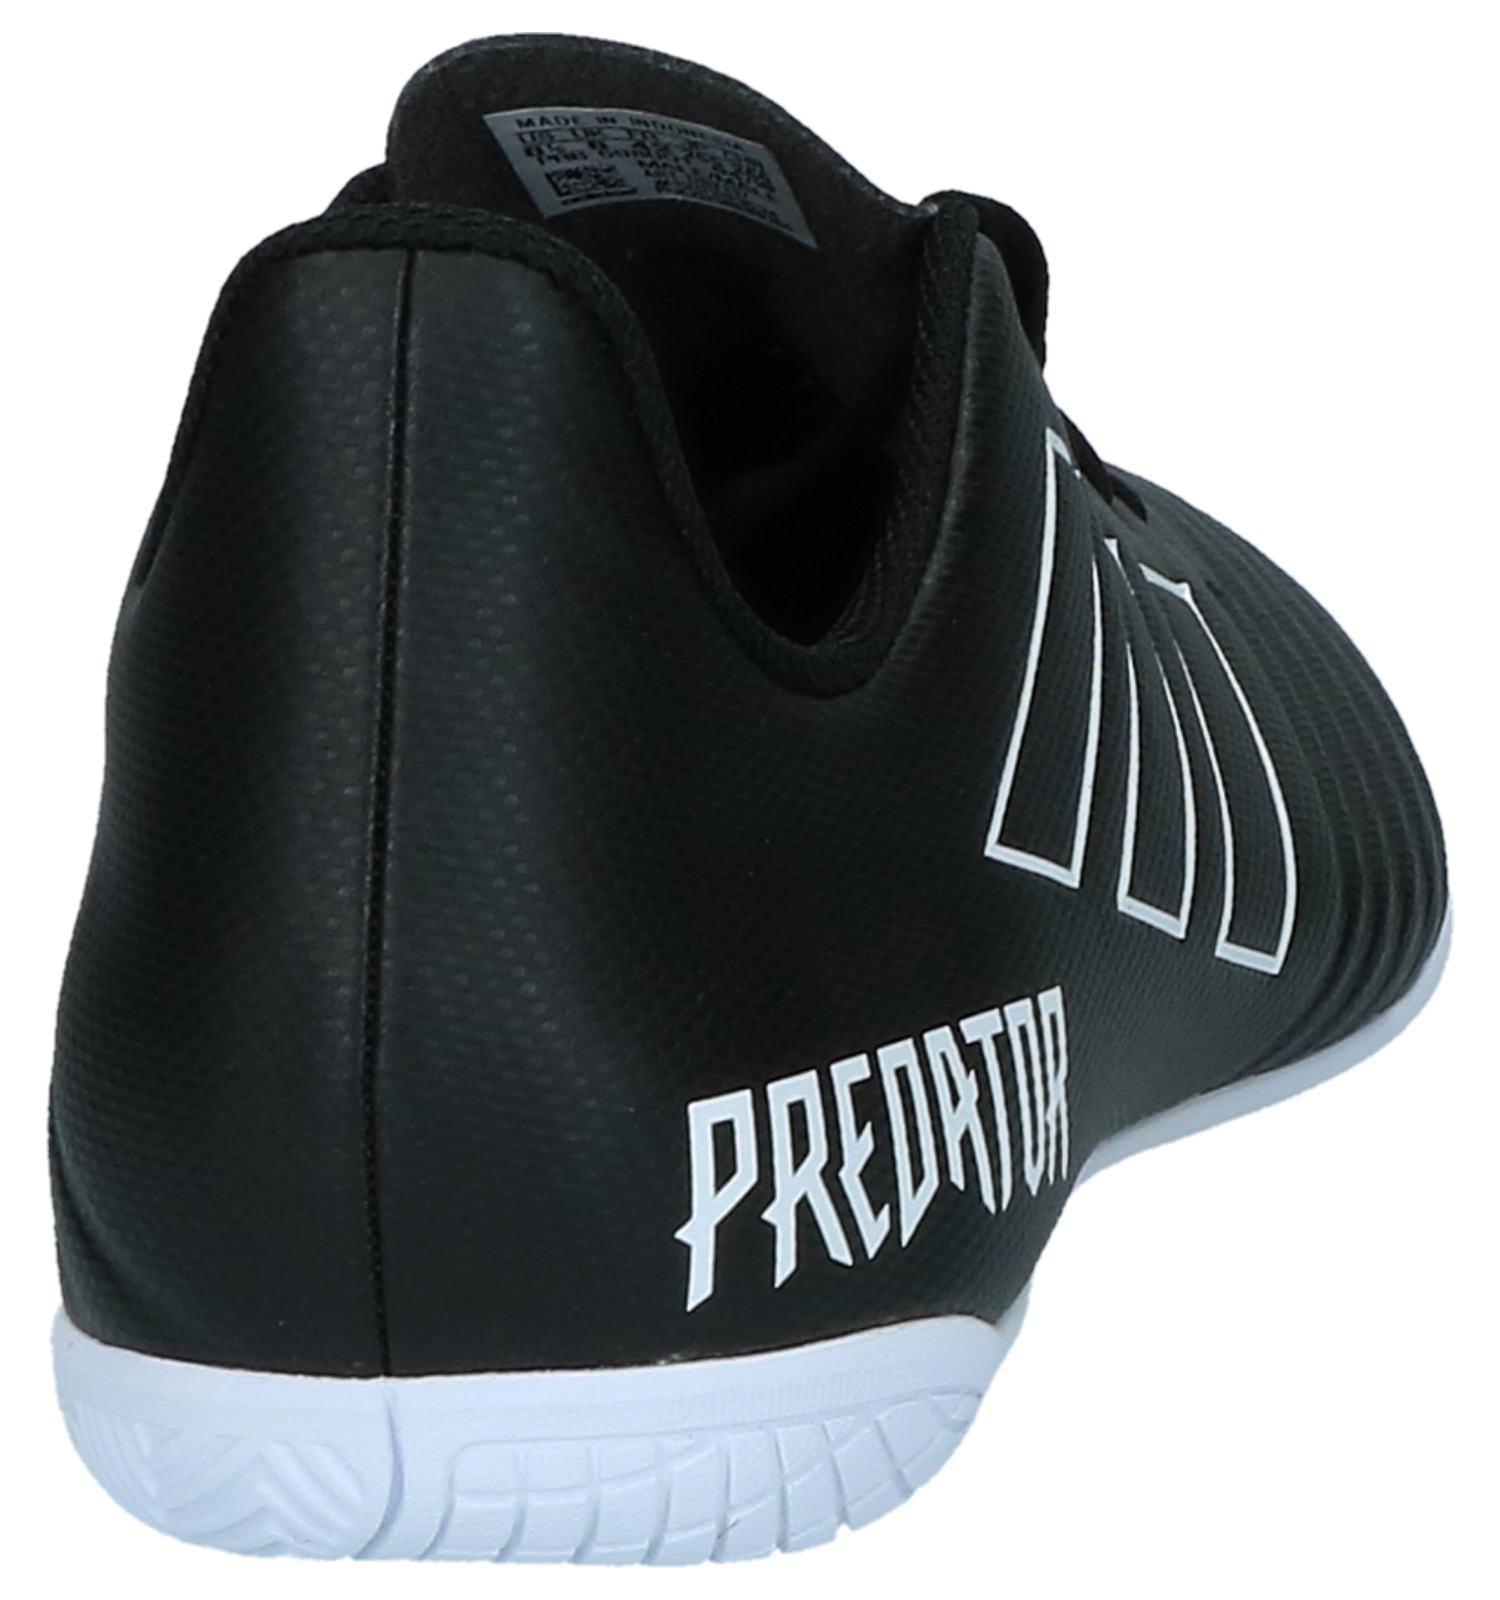 Adidas Predator Zwarte Adidas Zwarte Predator Adidas Sportschoenen Sportschoenen BCeordx